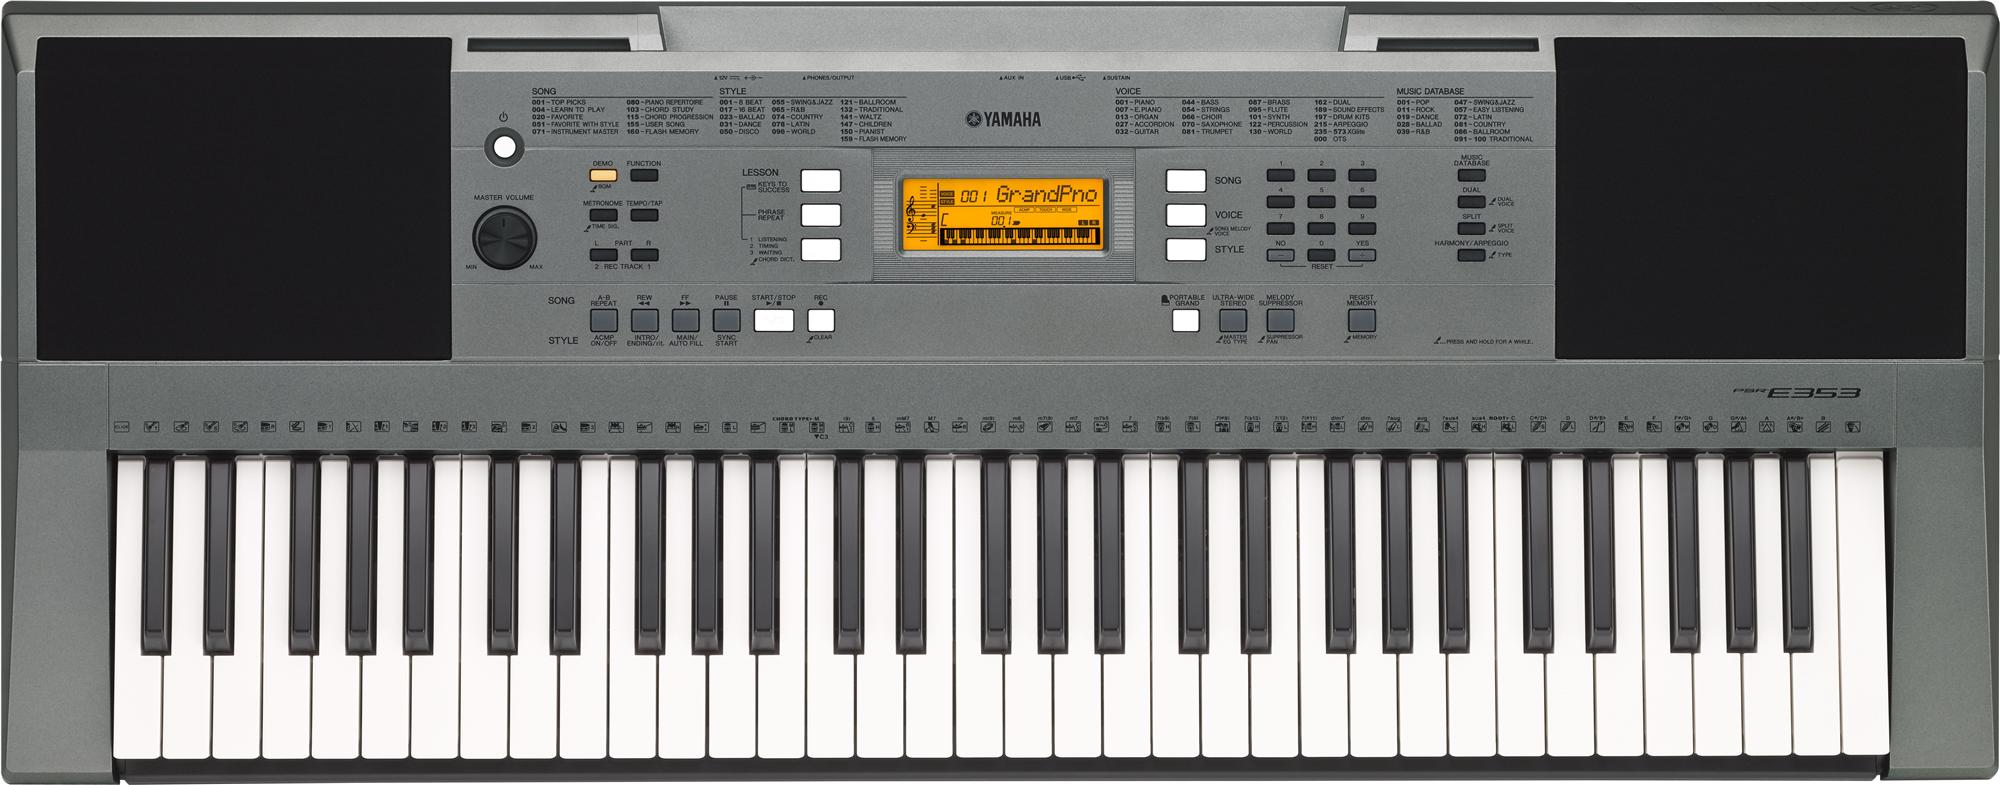 Organ Yamaha PSR-E353